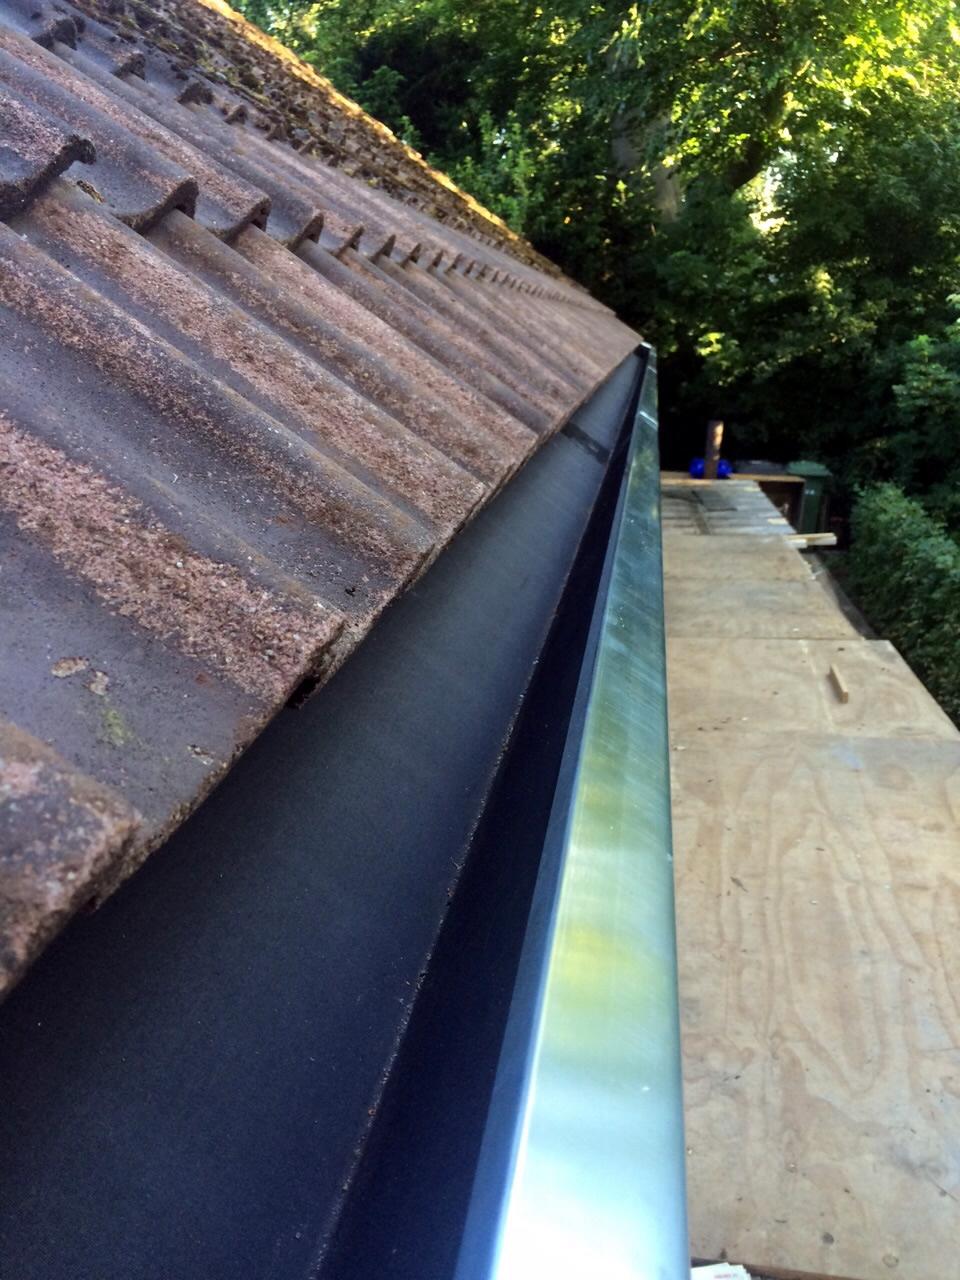 Nieuwbouw dakgoot tijdens renovatie huis